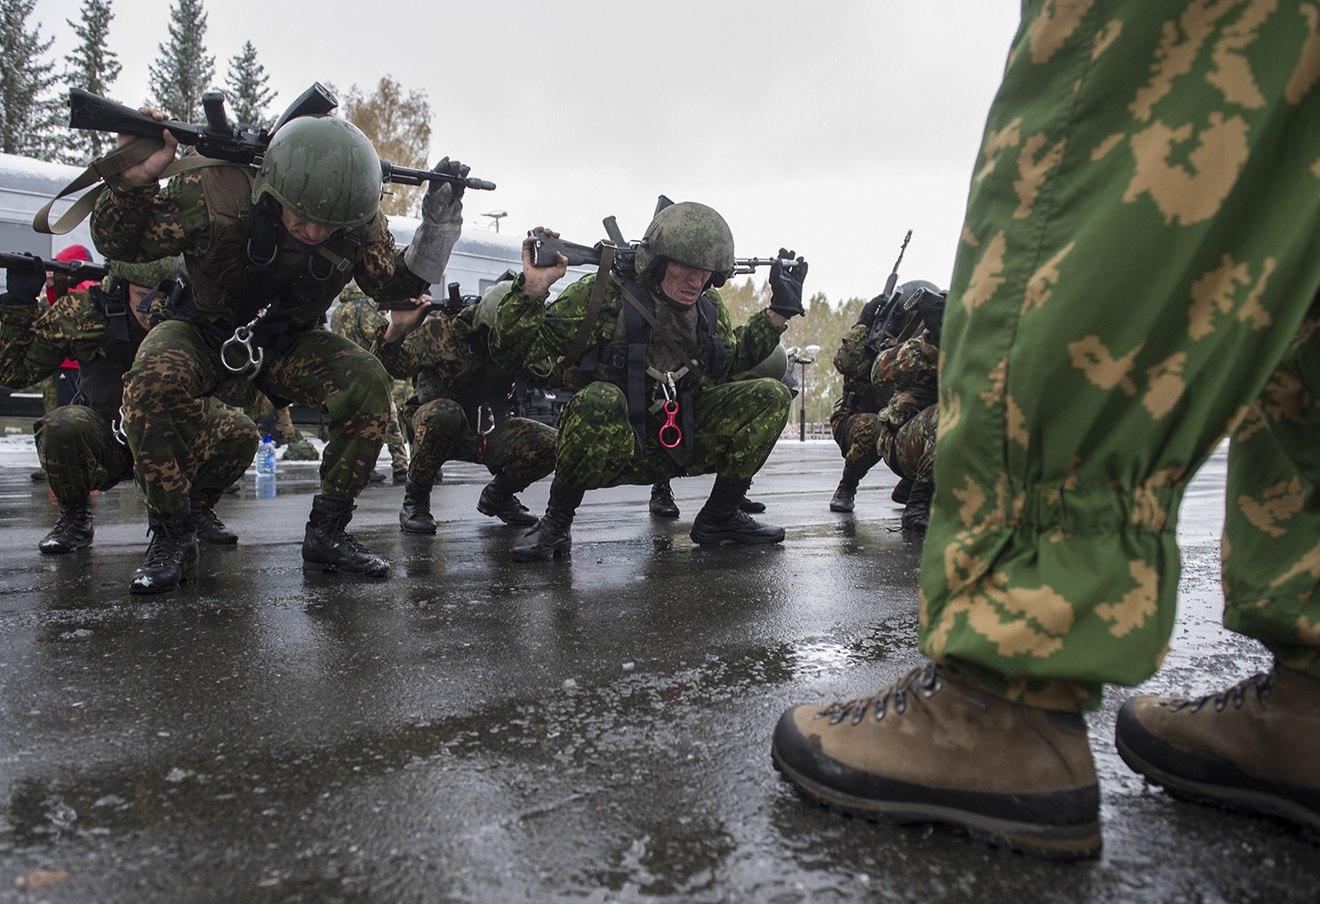 Национальная гвардия. Фото: Кирилл Кухмарь / ТАСС